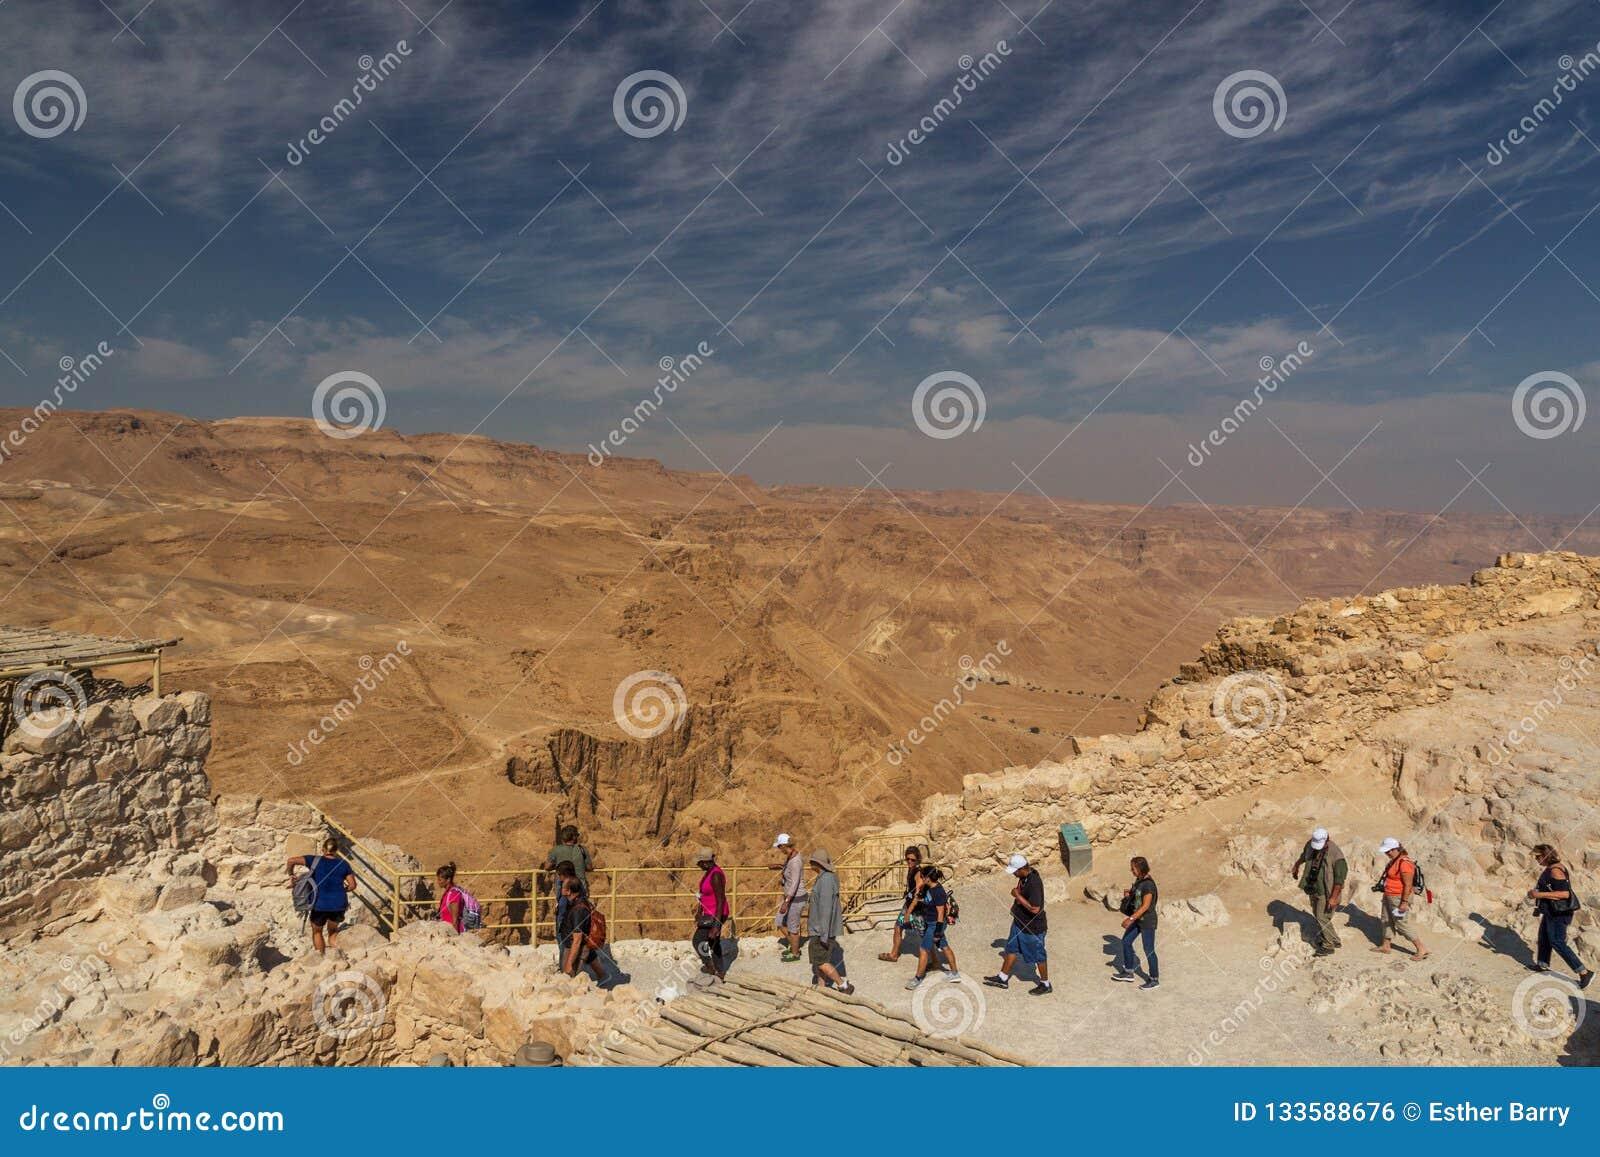 Turistas en la fortaleza de Masada, parque nacional, Judea, Israel